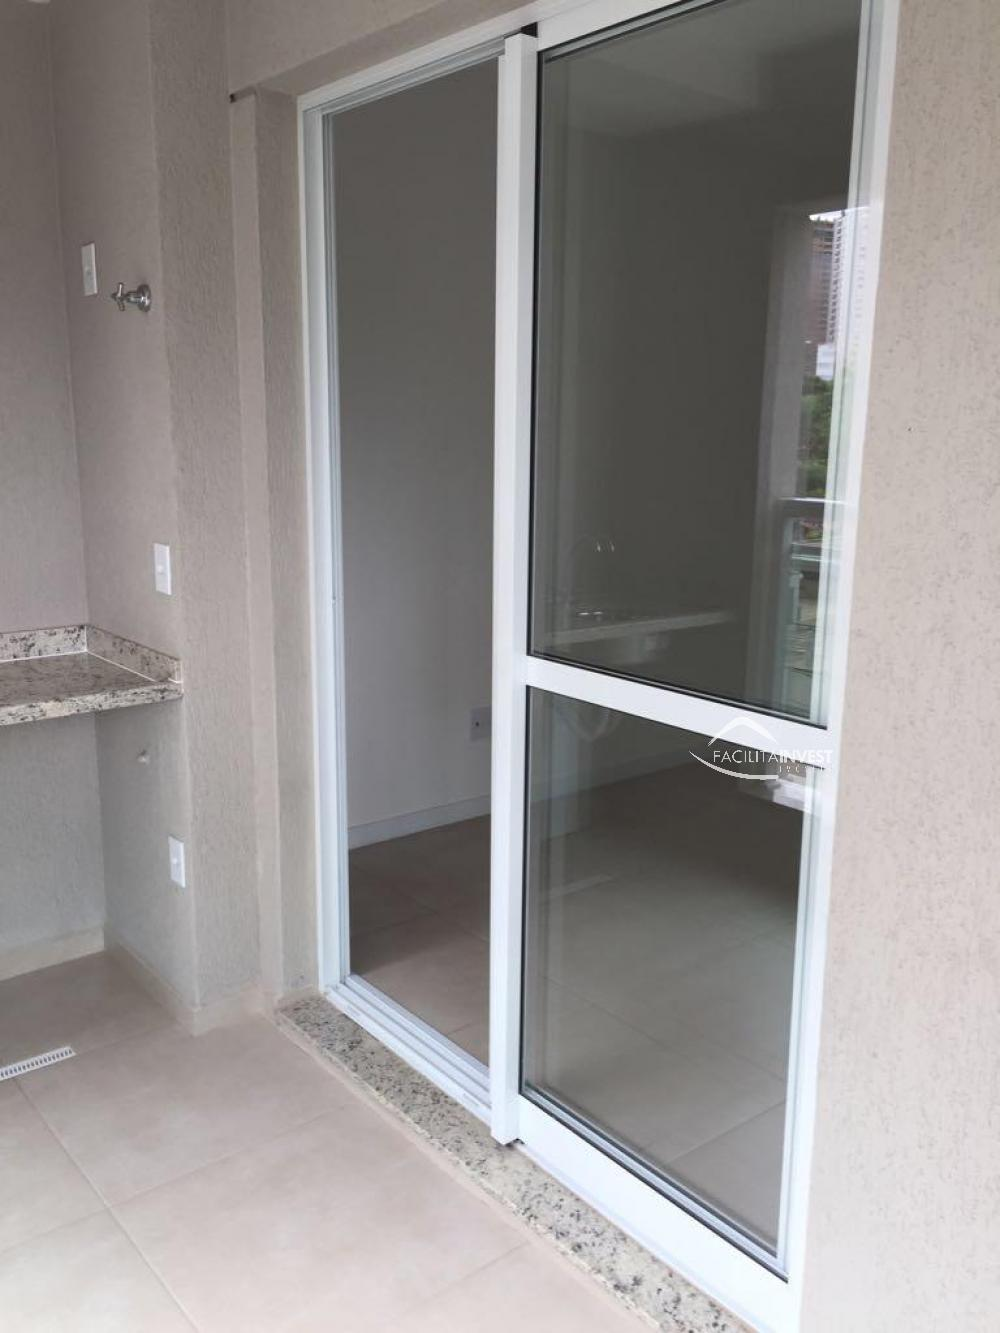 Alugar Apartamentos / Apart. Padrão em Ribeirão Preto R$ 1.900,00 - Foto 5